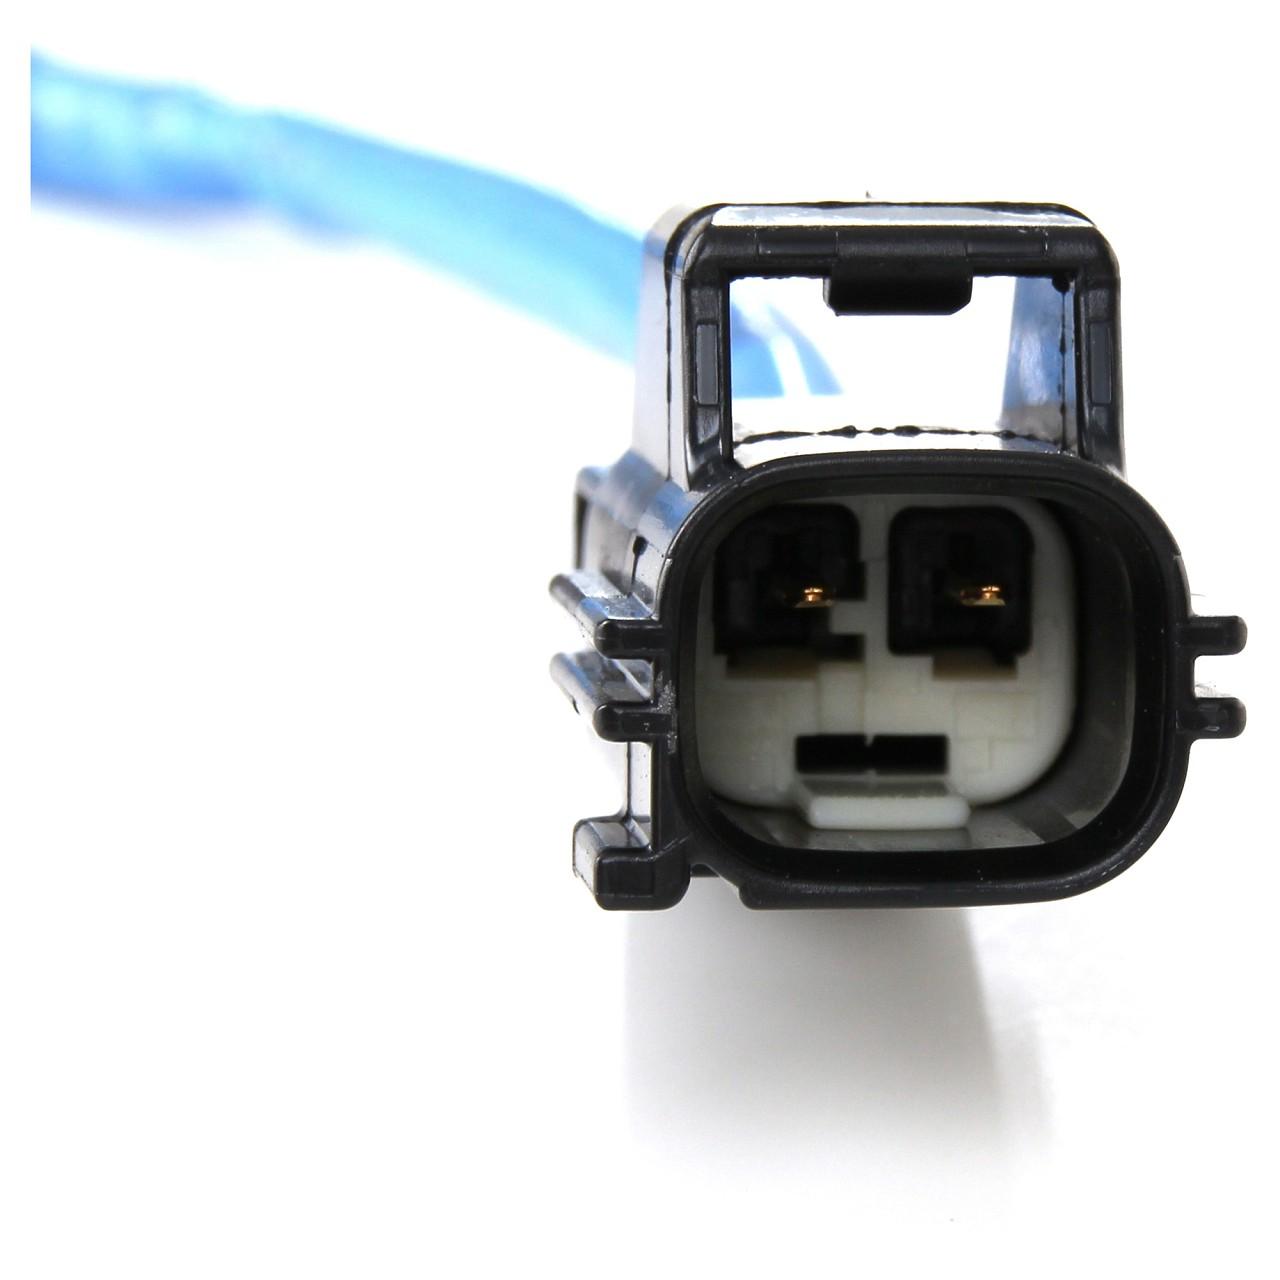 ORIGINAL Ford Abgastemperatursensor C-MAX FOCUS MONDEO KUGA 1.8/2.0 TDCi 1381181